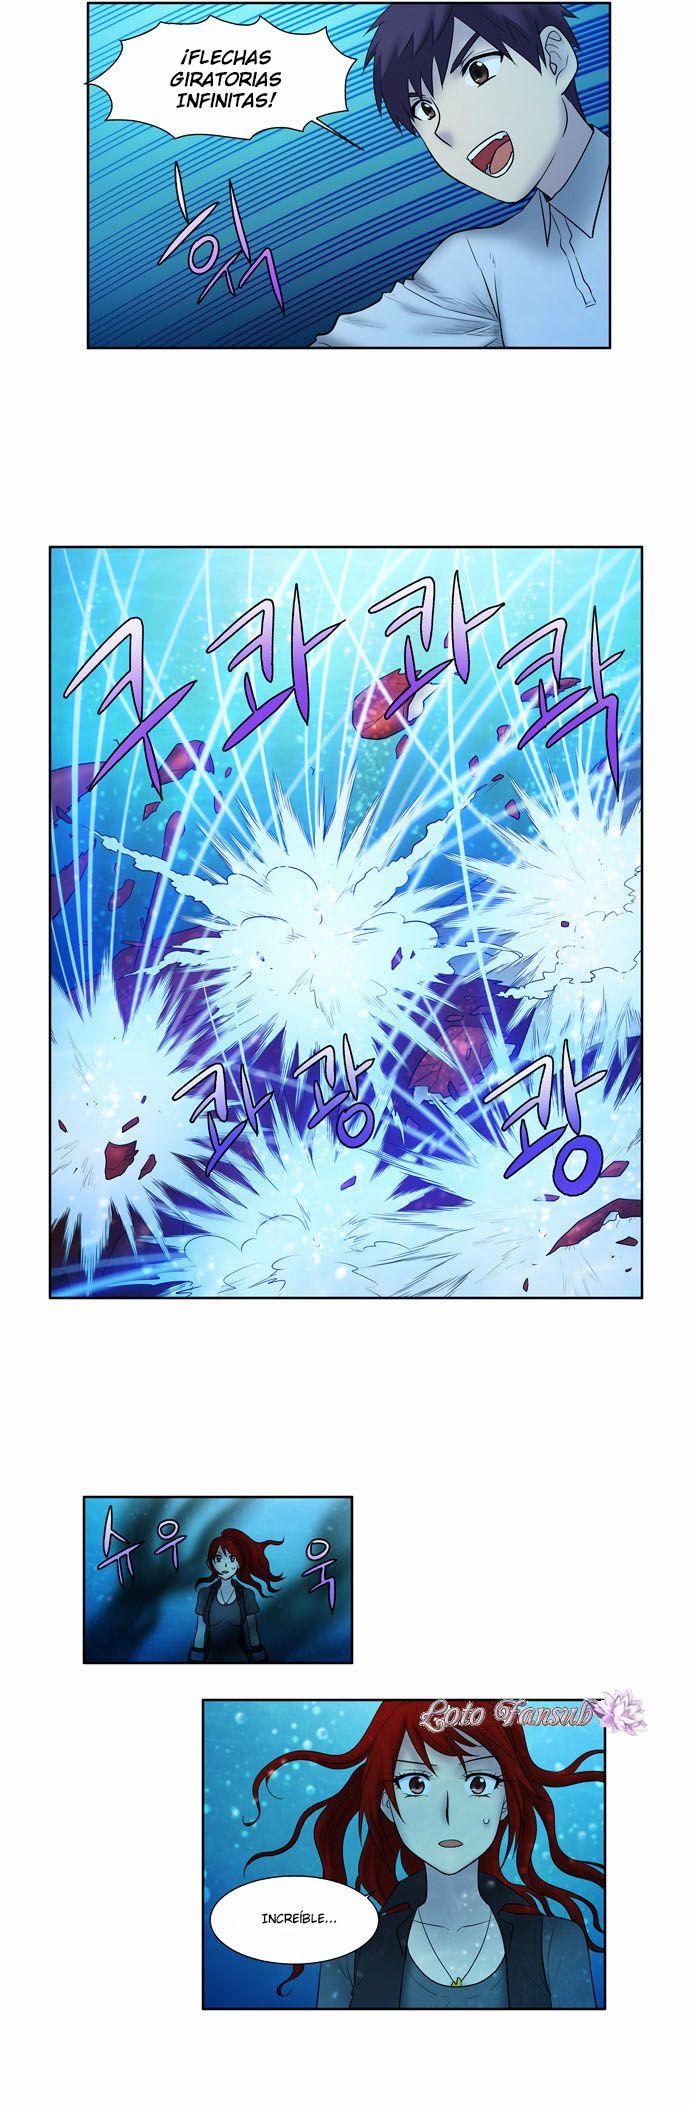 http://c5.ninemanga.com/es_manga/pic2/61/1725/501809/6bbc7653edbb368040a661756e480b10.jpg Page 6